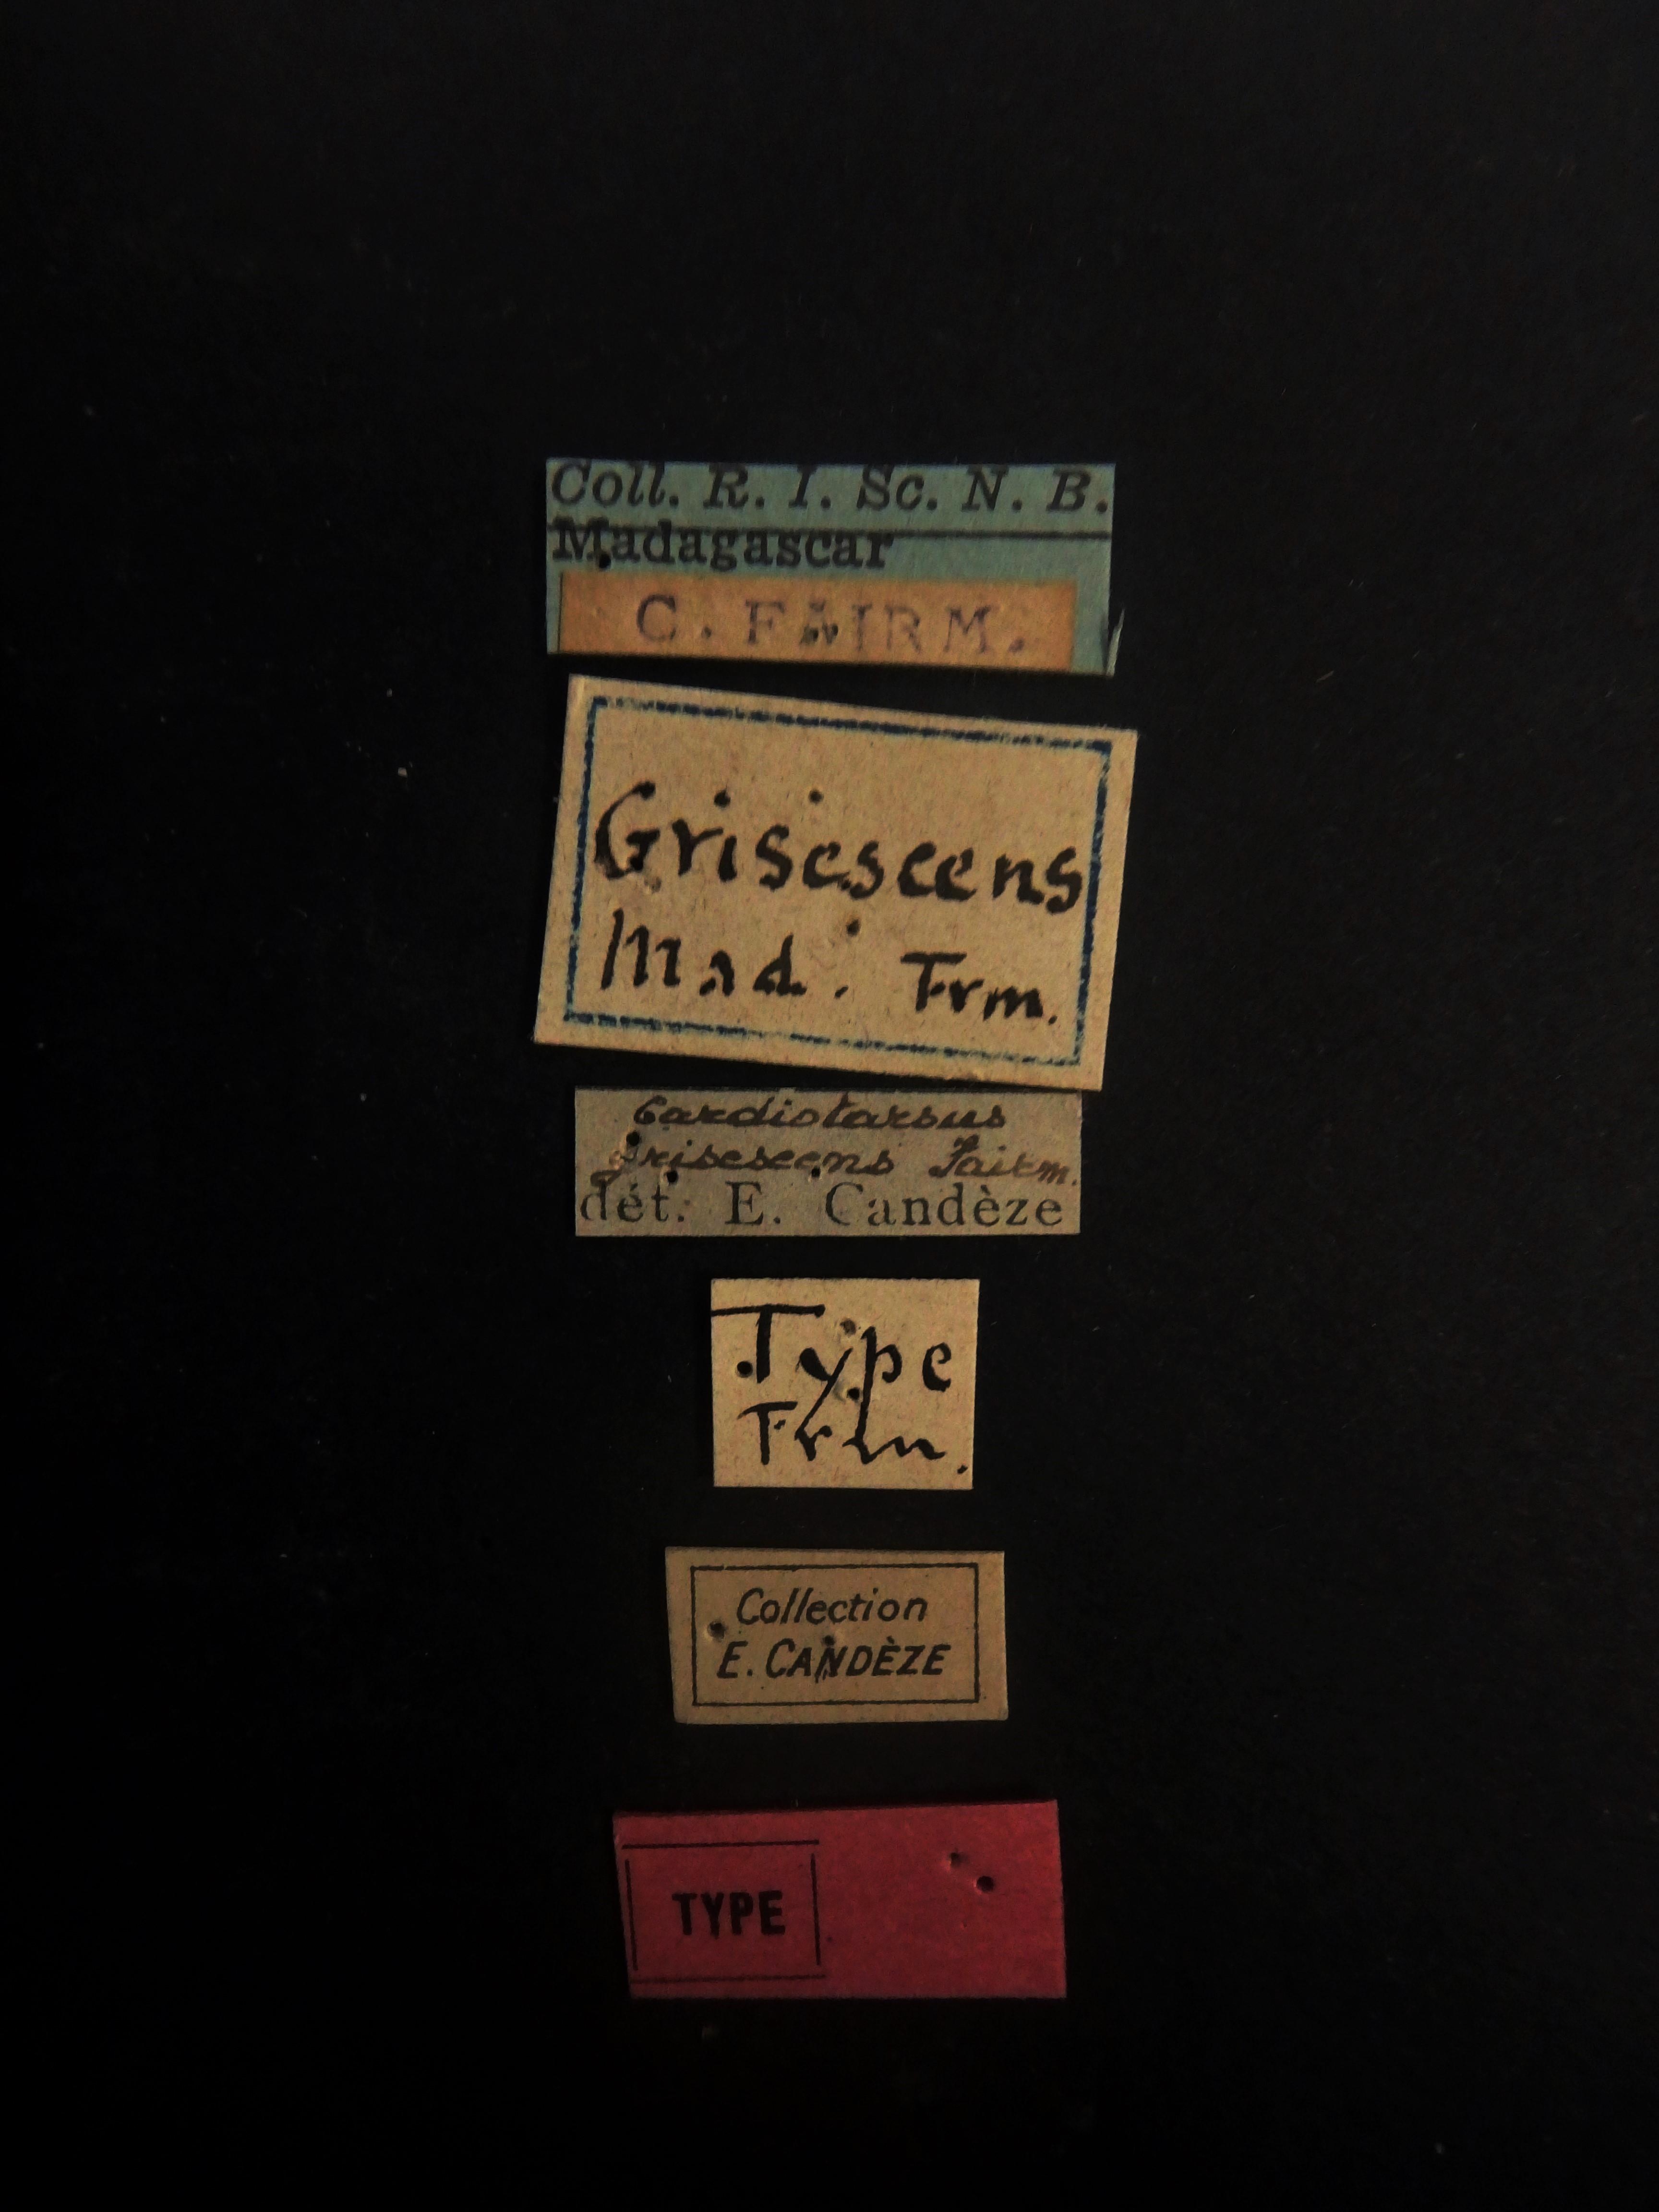 Cardiotarsus grisescens t Labels.JPG